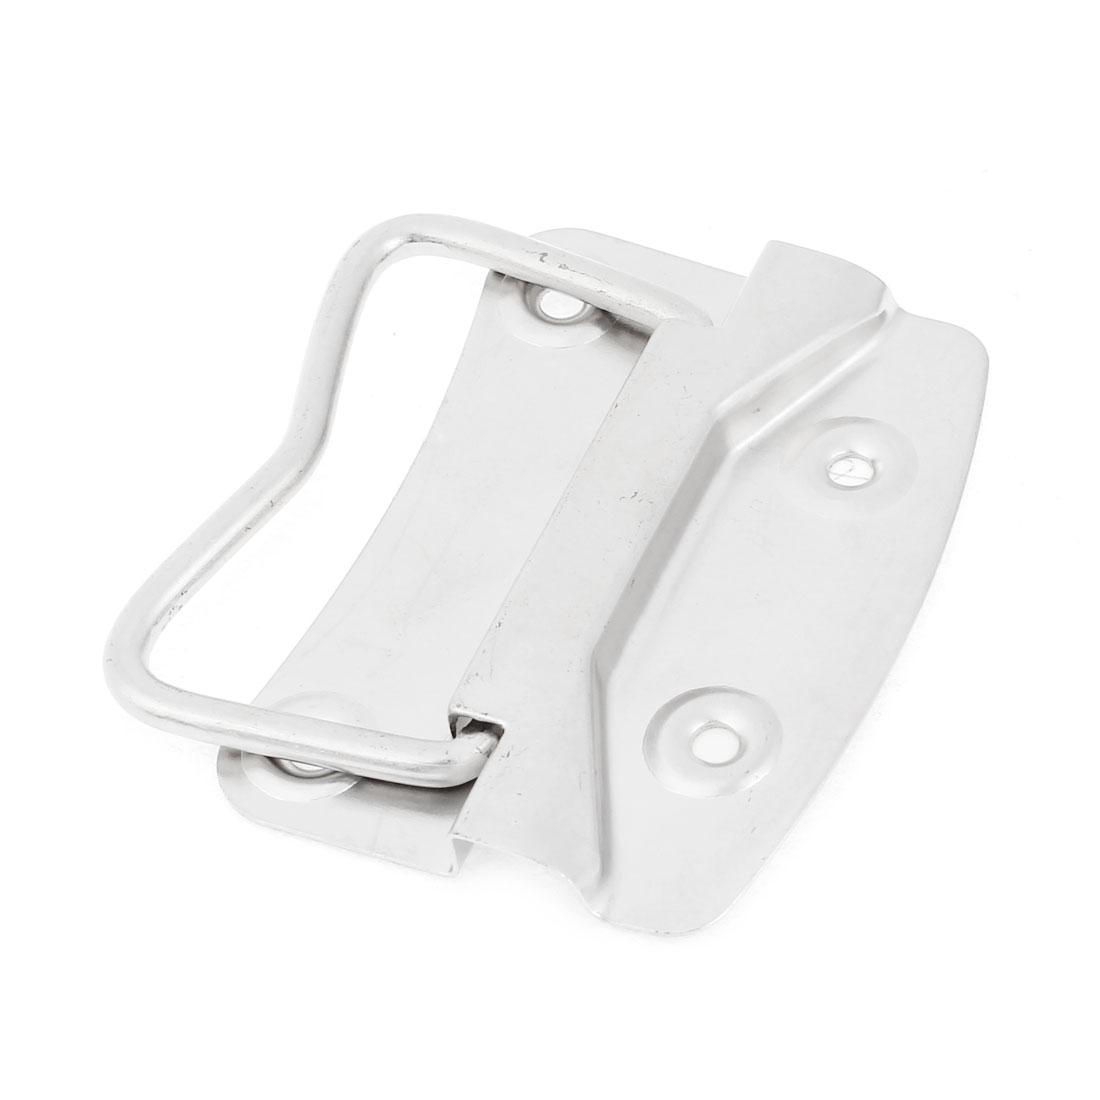 Silver Tone 9 x 6.5cm Screws Mounted Plate Door Sideboard Pull Handle